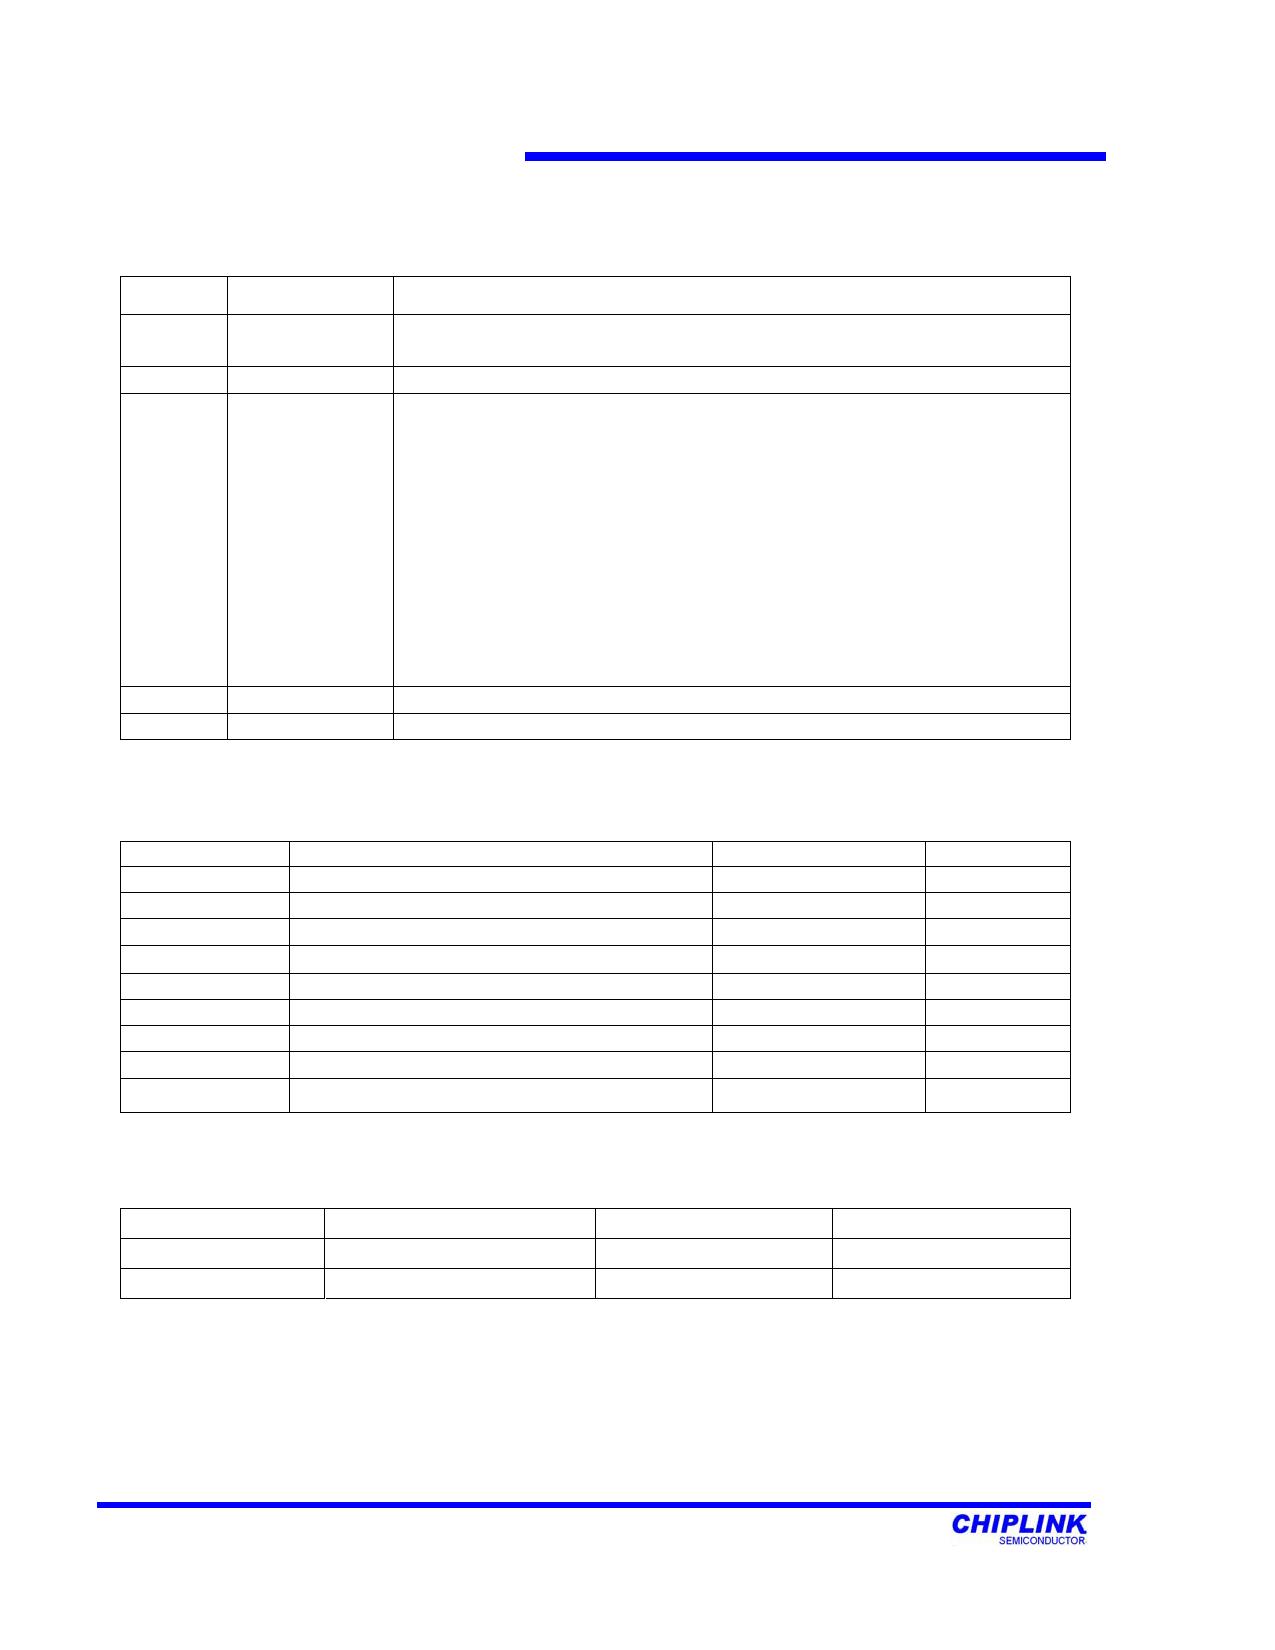 CL6808 pdf schematic